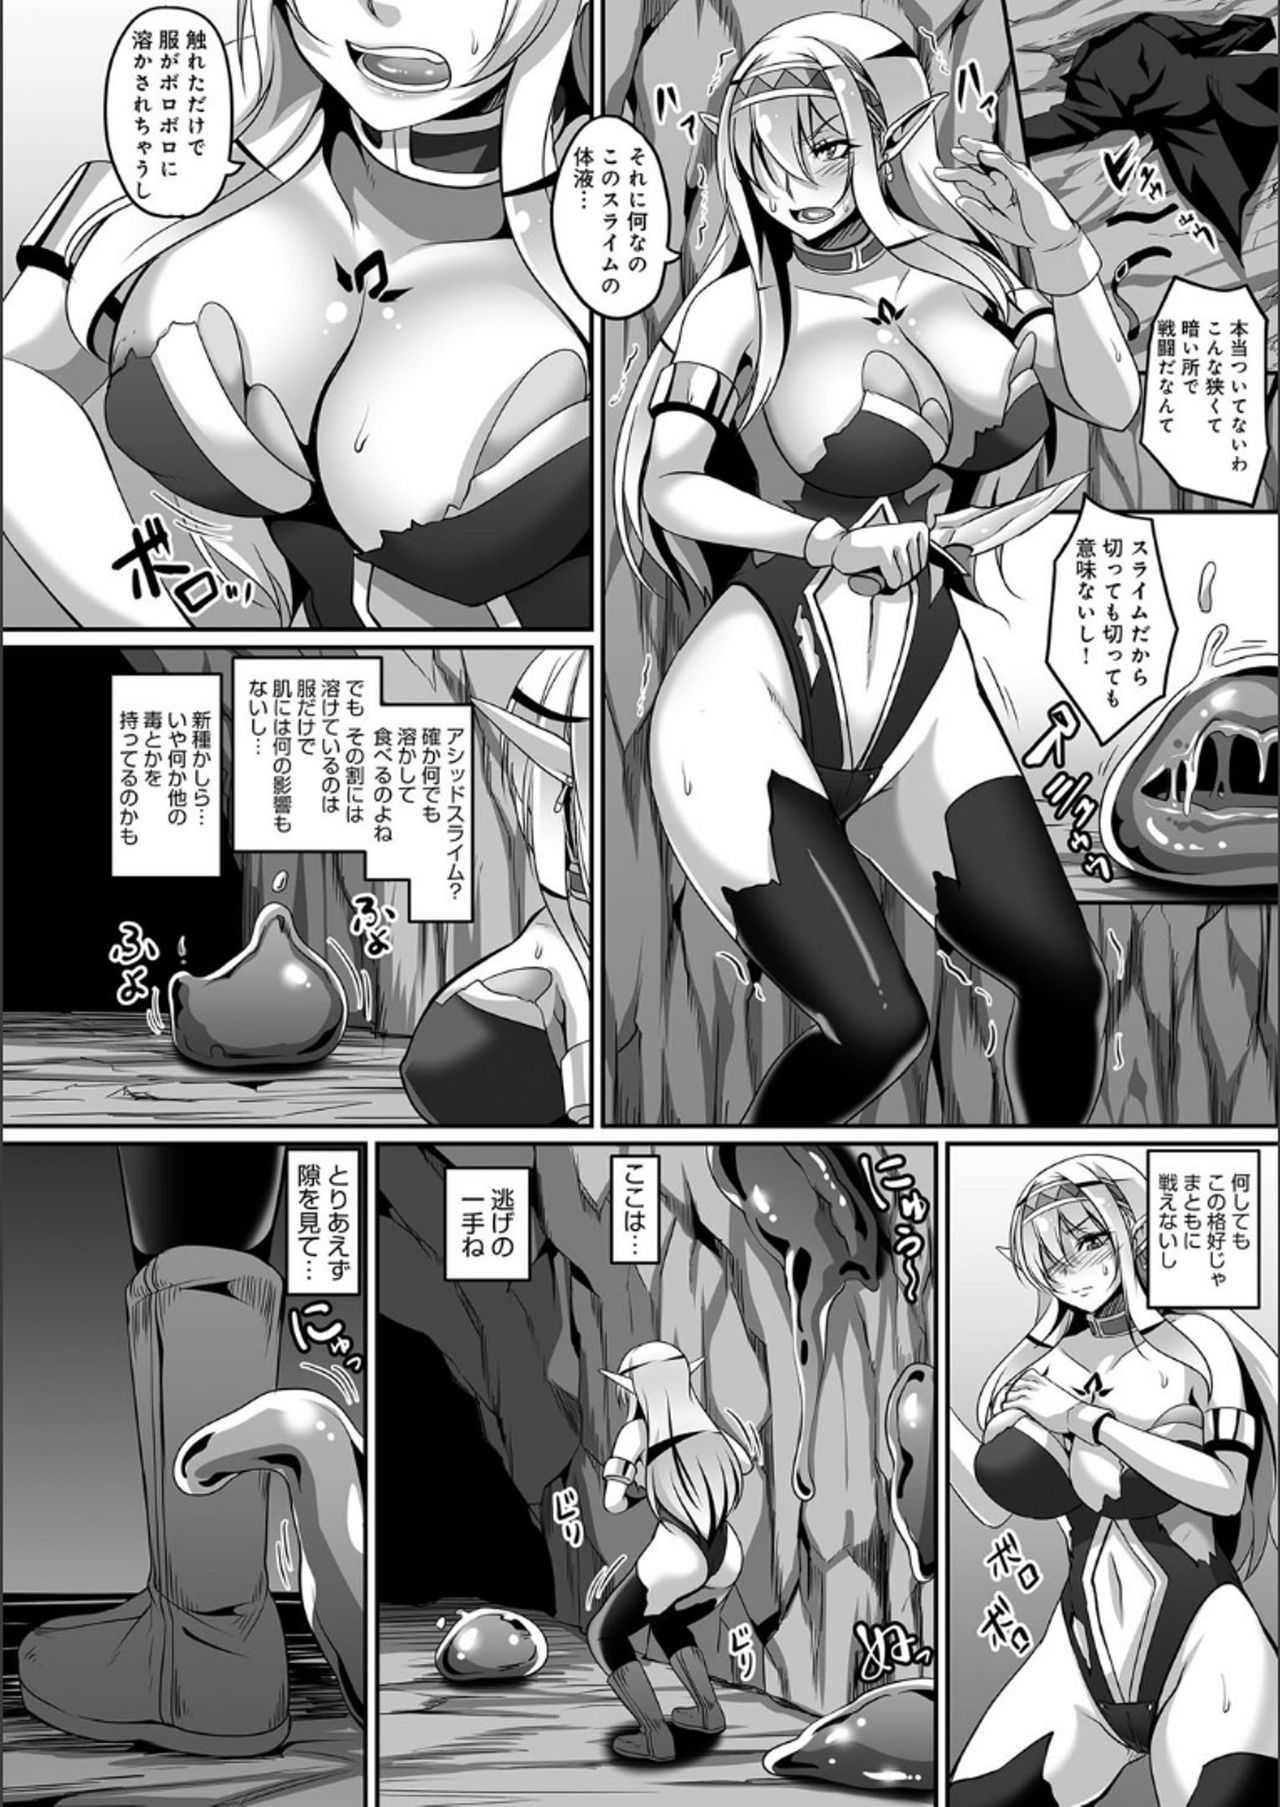 【エロ漫画】洞窟でスライムと遭遇した爆乳エルフ娘…マンコをぐちょぐちょに犯され淫らに喘ぎまくるwww【 一弘:淫乱エルフ娘とスライム】